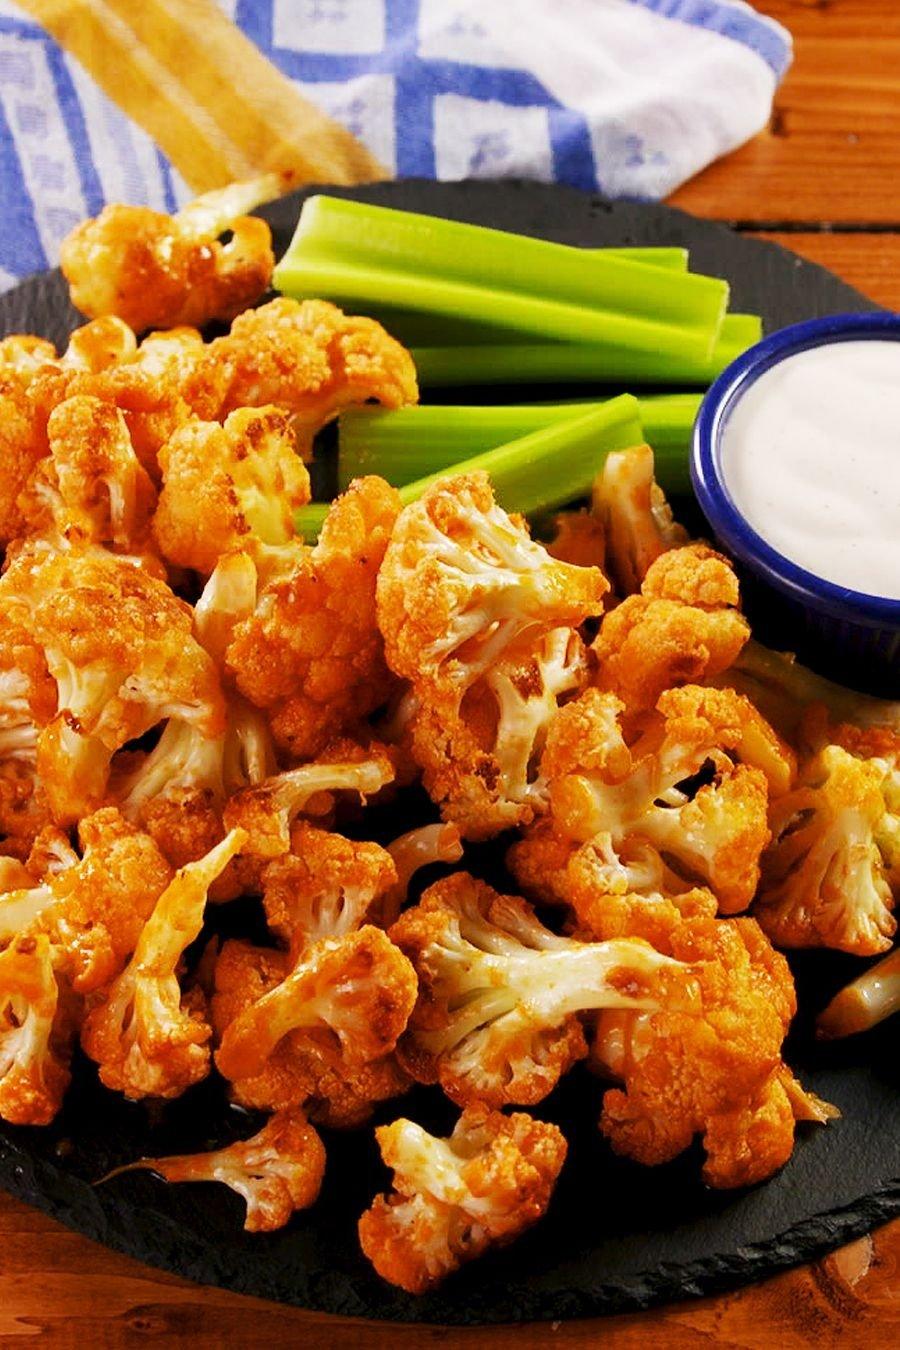 Botanas para el Super Bowl; recetas de alitas vegetarianas hechas con coliflor